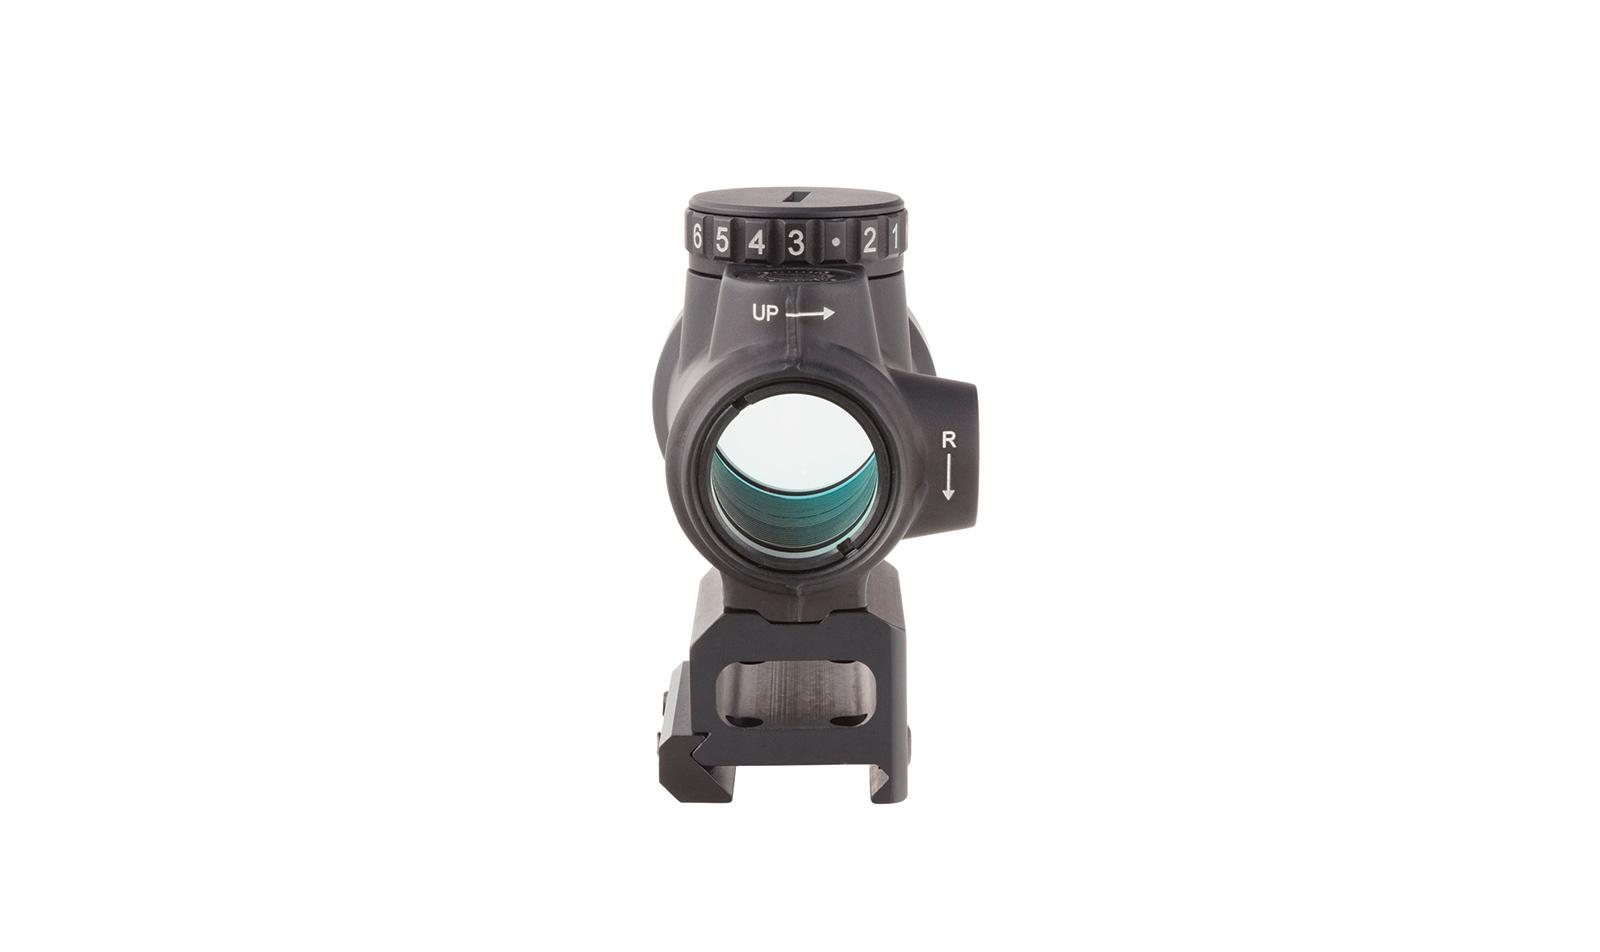 MRO-C-2200030 angle 4